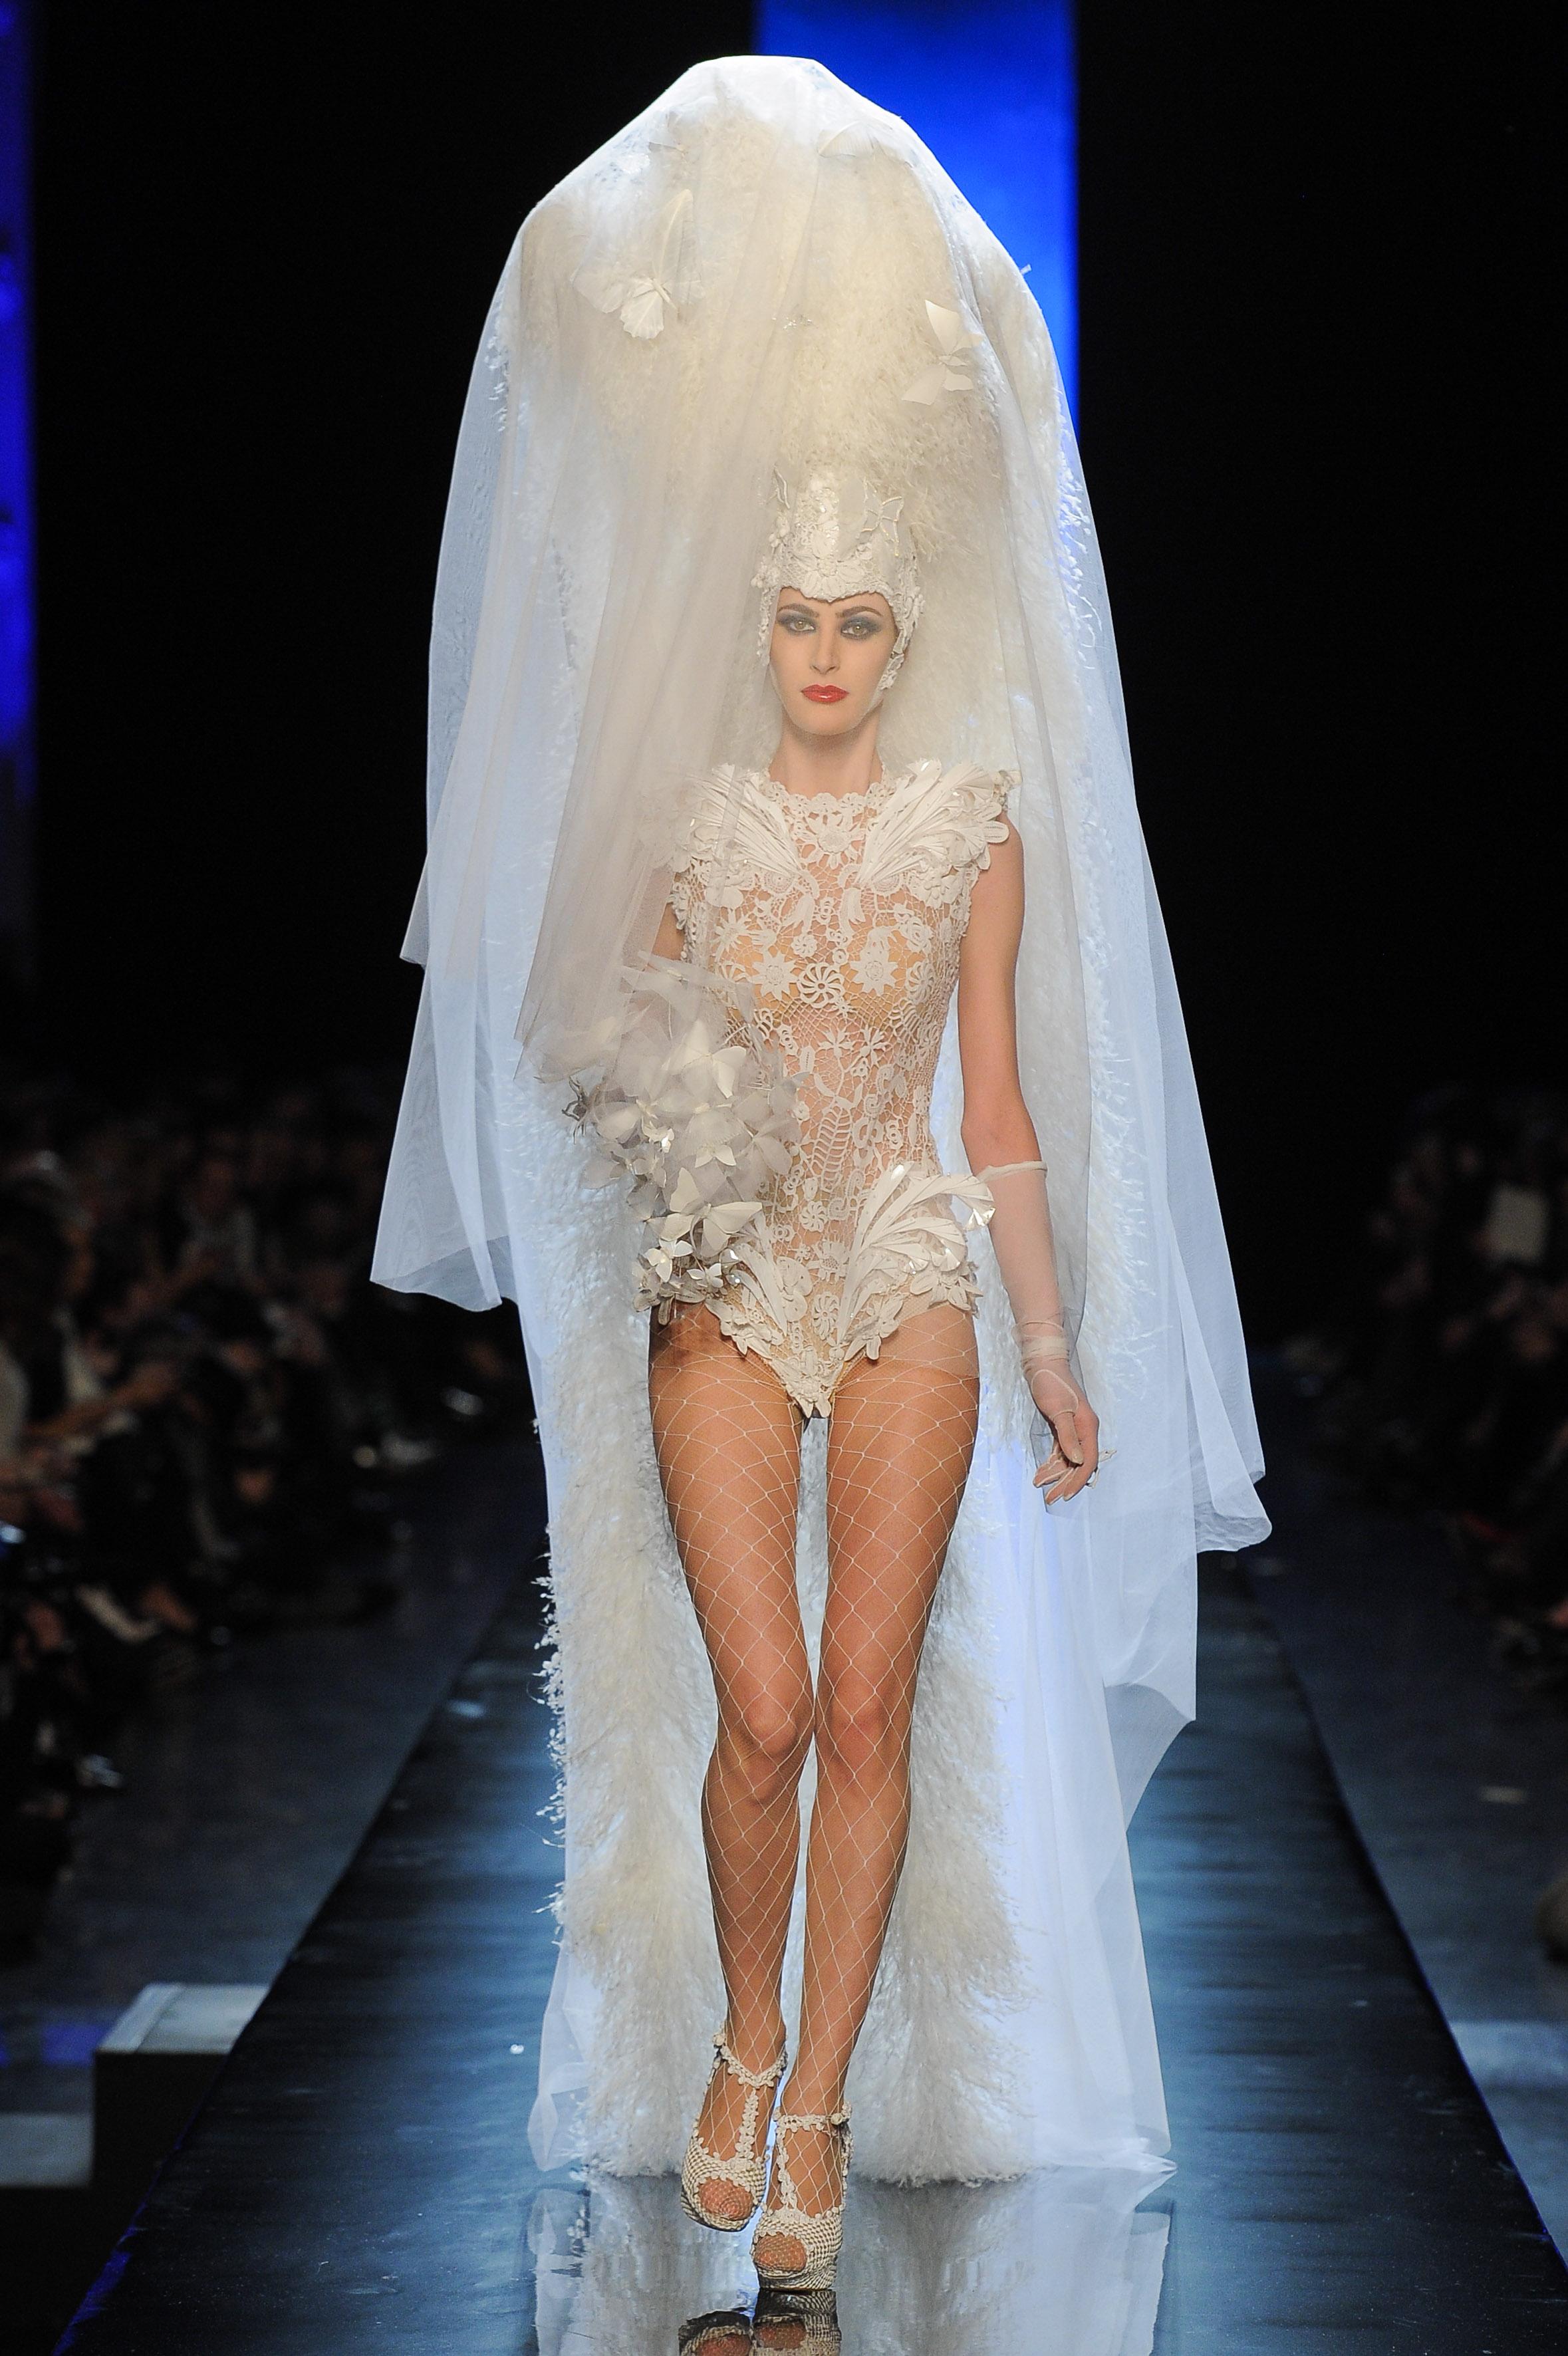 La robe de mariée ©CatwalkPictures